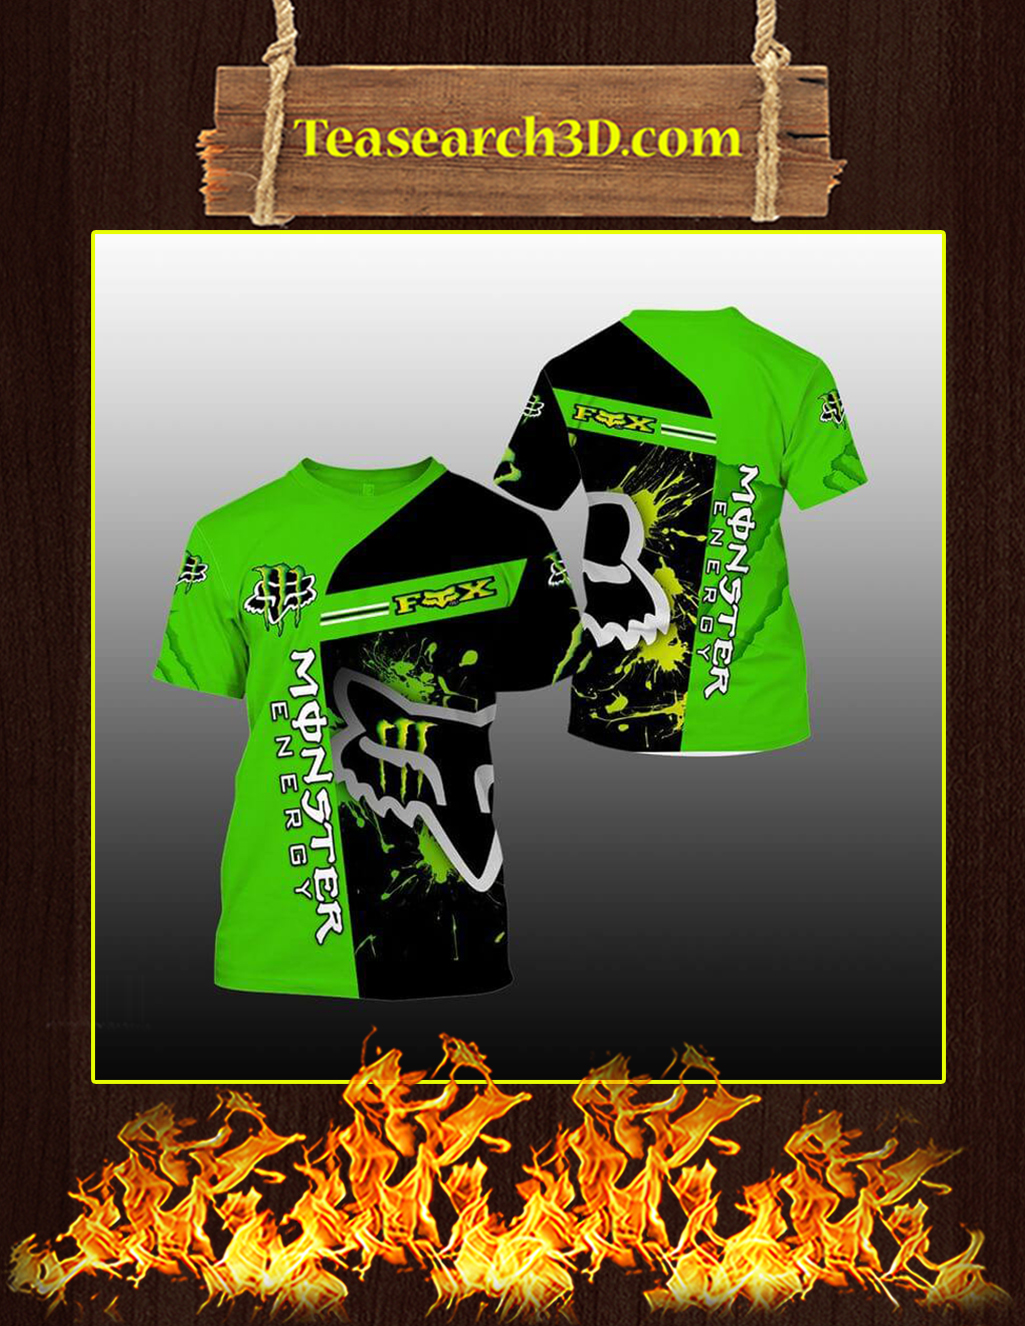 Green Monster Energy Fox Racing 3D T-shirt